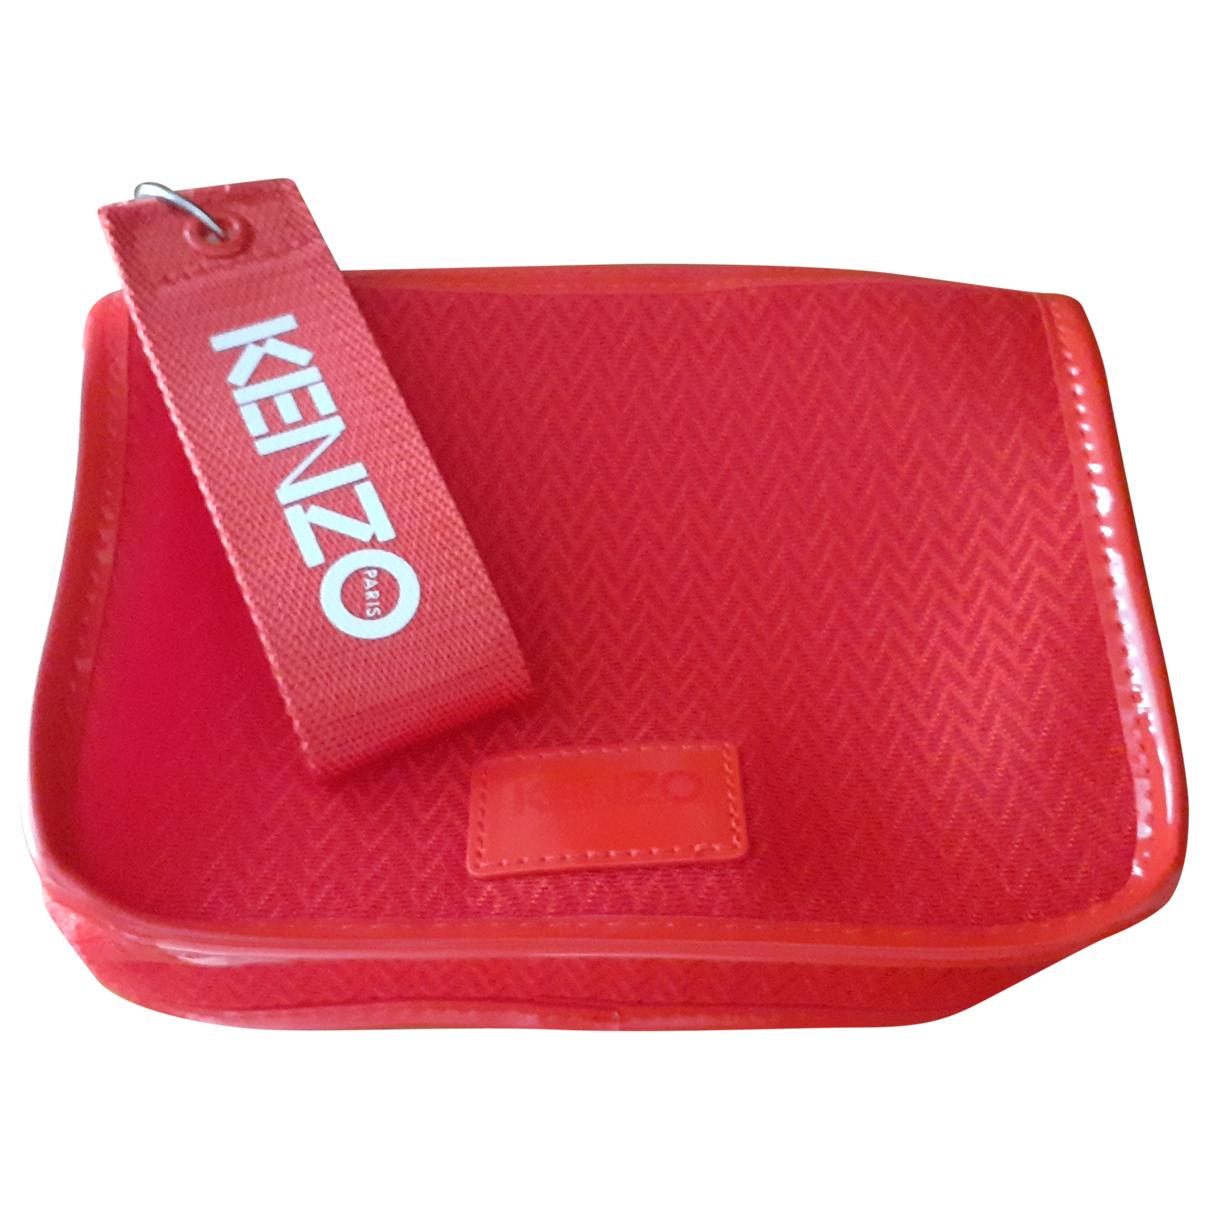 Bolsos clutch en Sintetico Rojo Kenzo